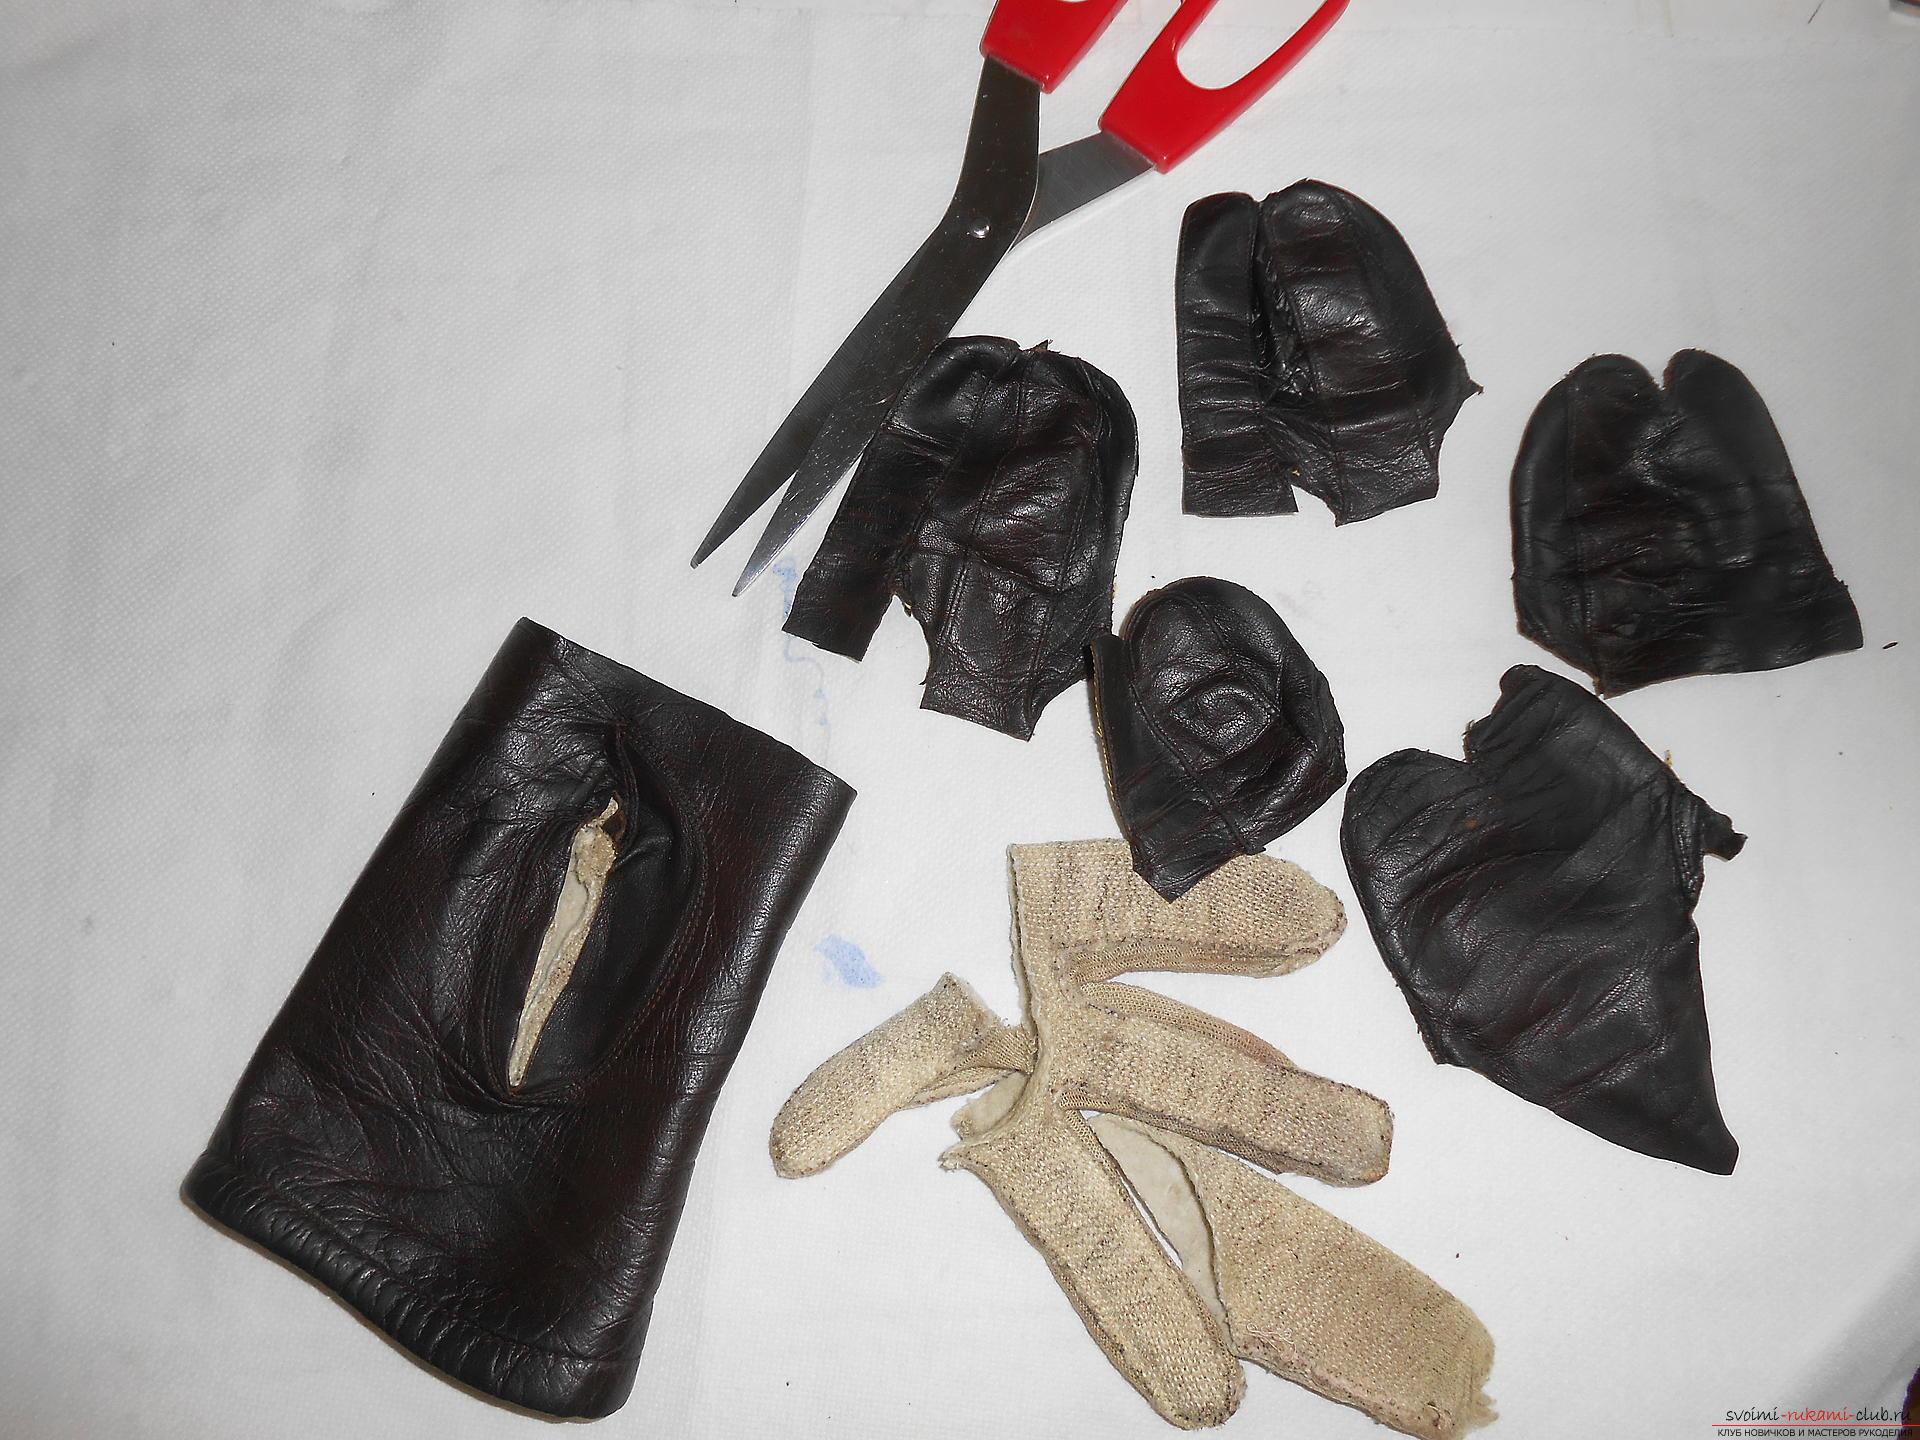 Кожаные чехлы самые модные для телефонов, но мало кто знает как сделать чехлы из кожи своими руками.. Фото №4